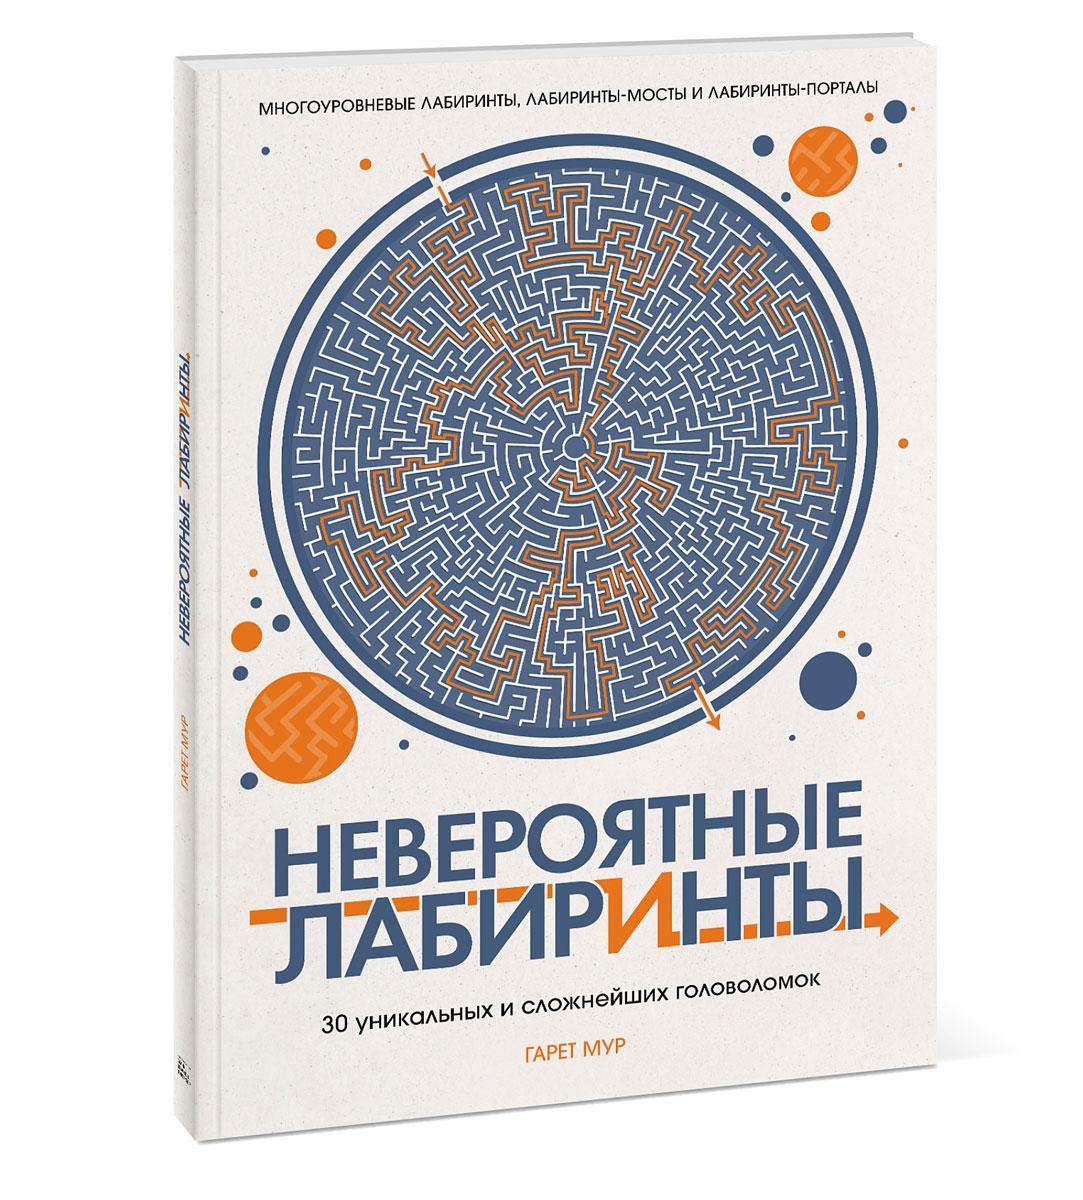 Гарет Мур Невероятные лабиринты. 30 уникальных и сложнейших головоломок